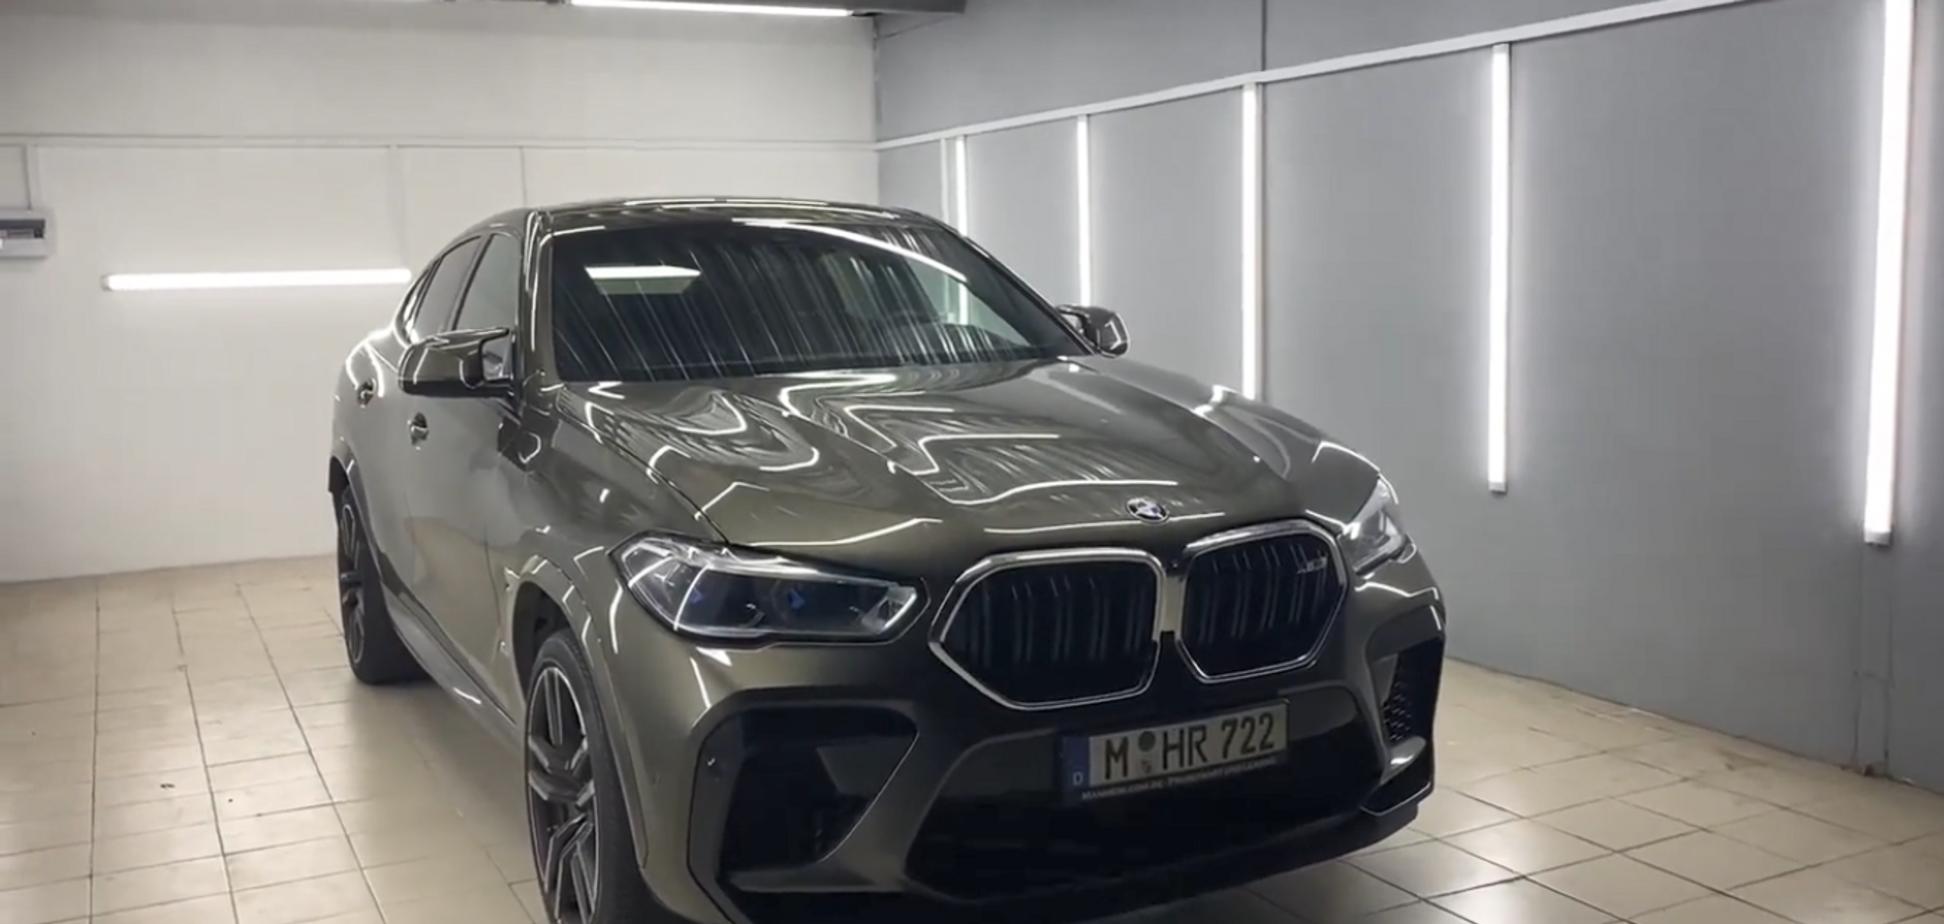 Хорошее немецкое авто можно приобрести по привлекательной цене и на прозрачных условиях